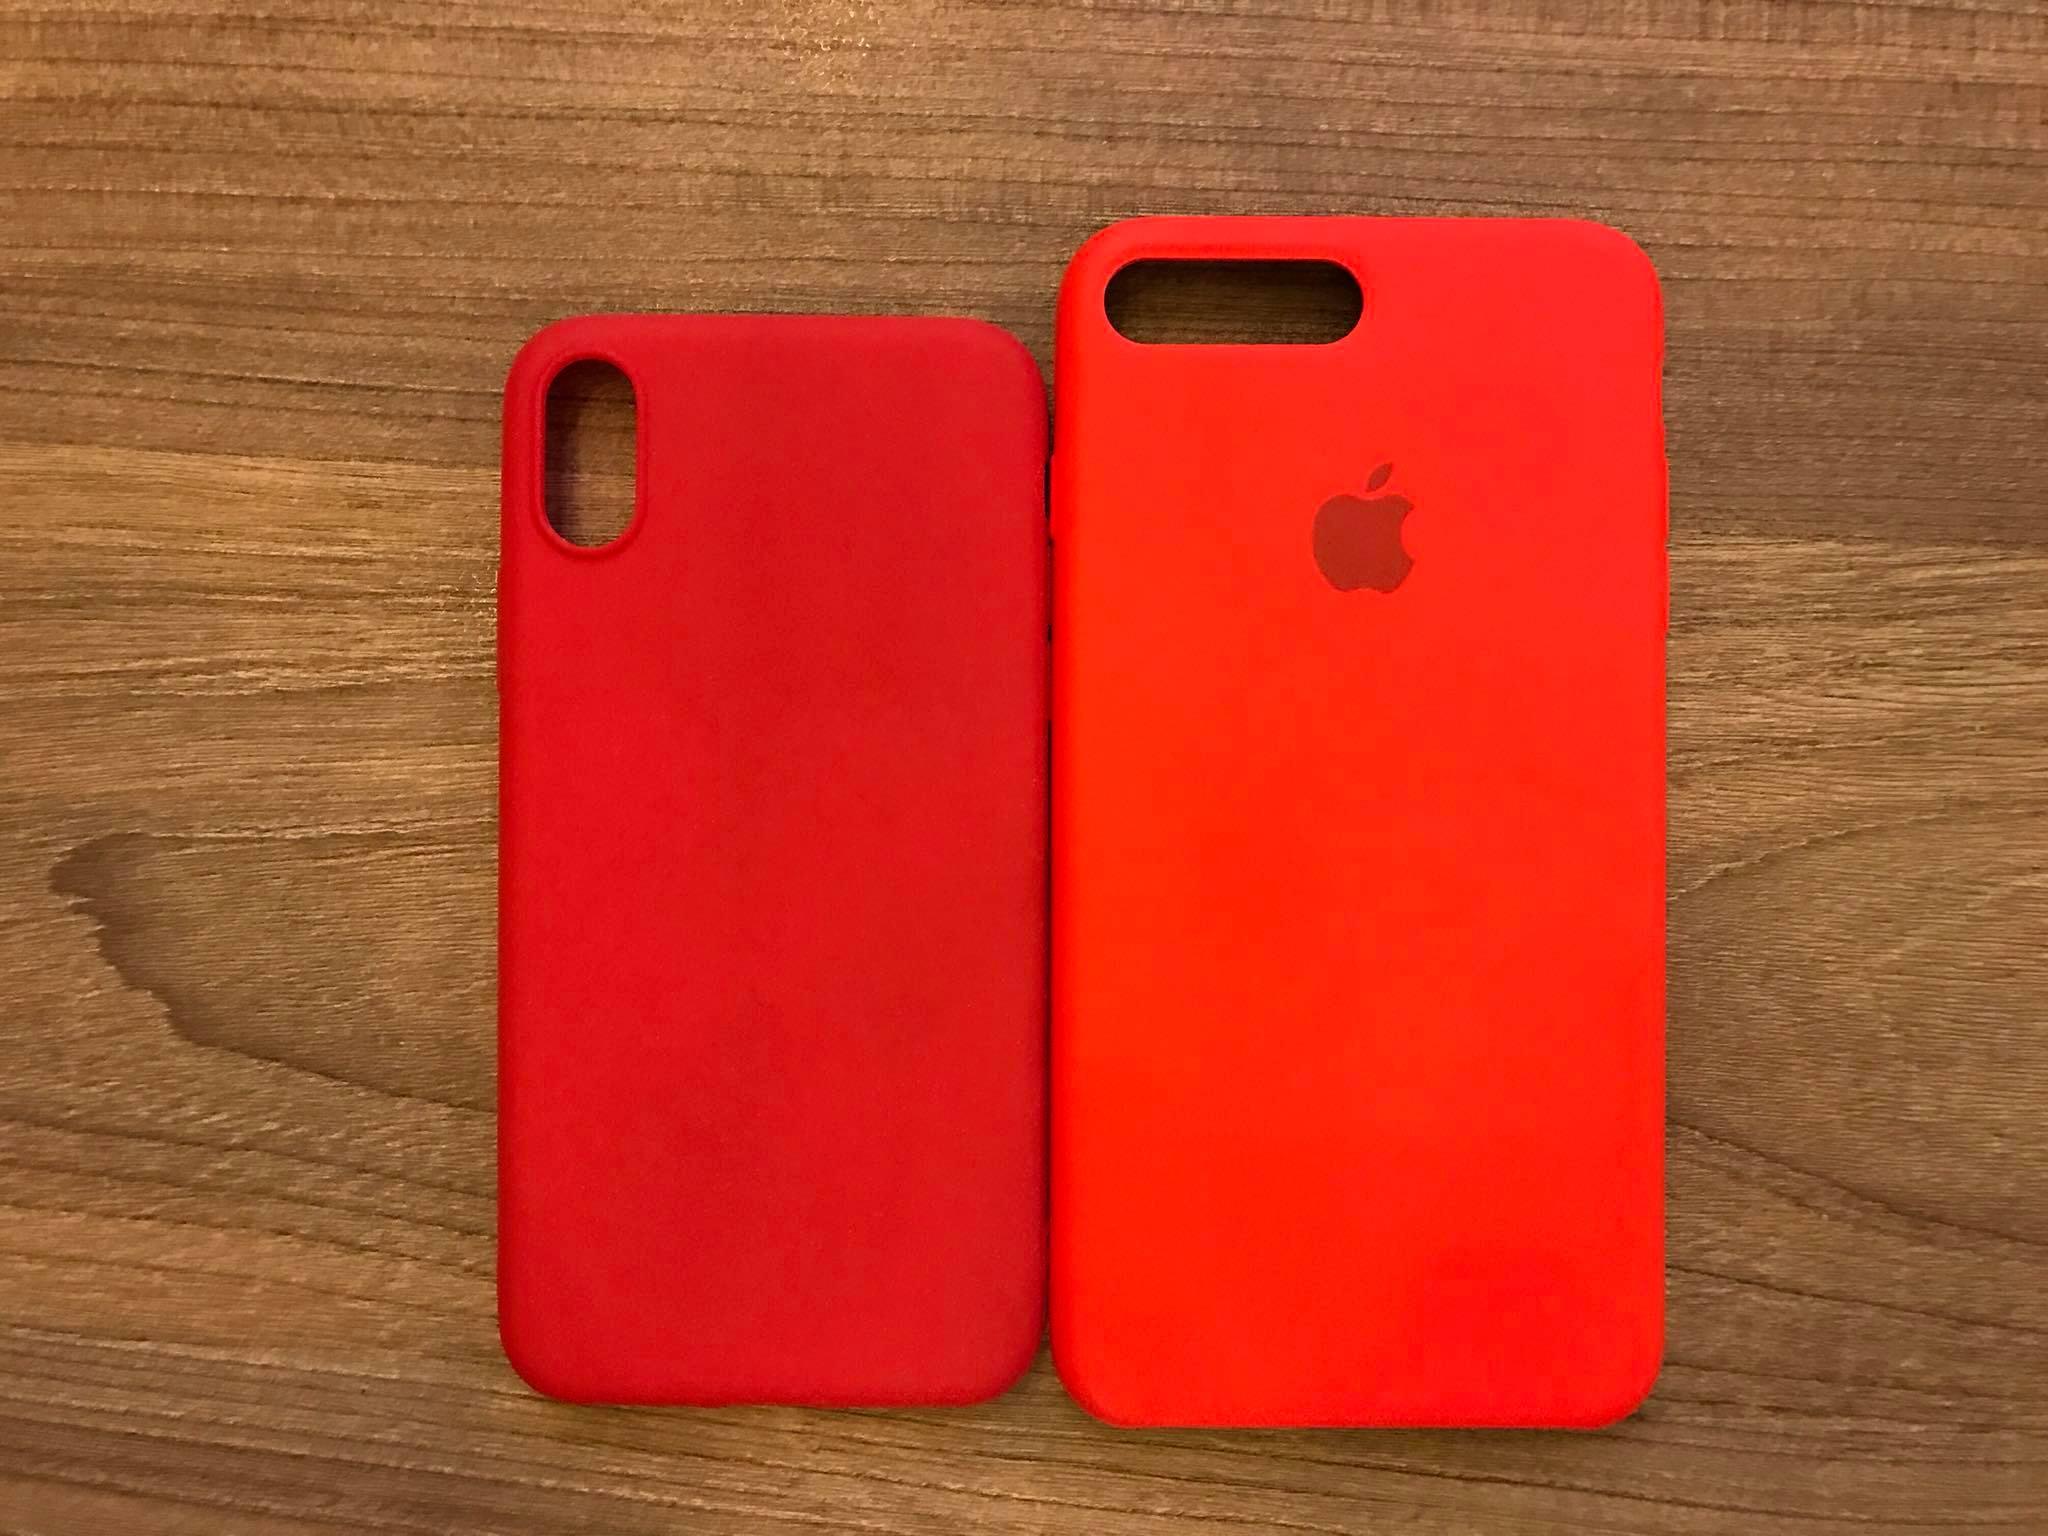 Trên tay mô hình và ốp lưng iPhone 8 màu đỏ tại Việt Nam hình 8